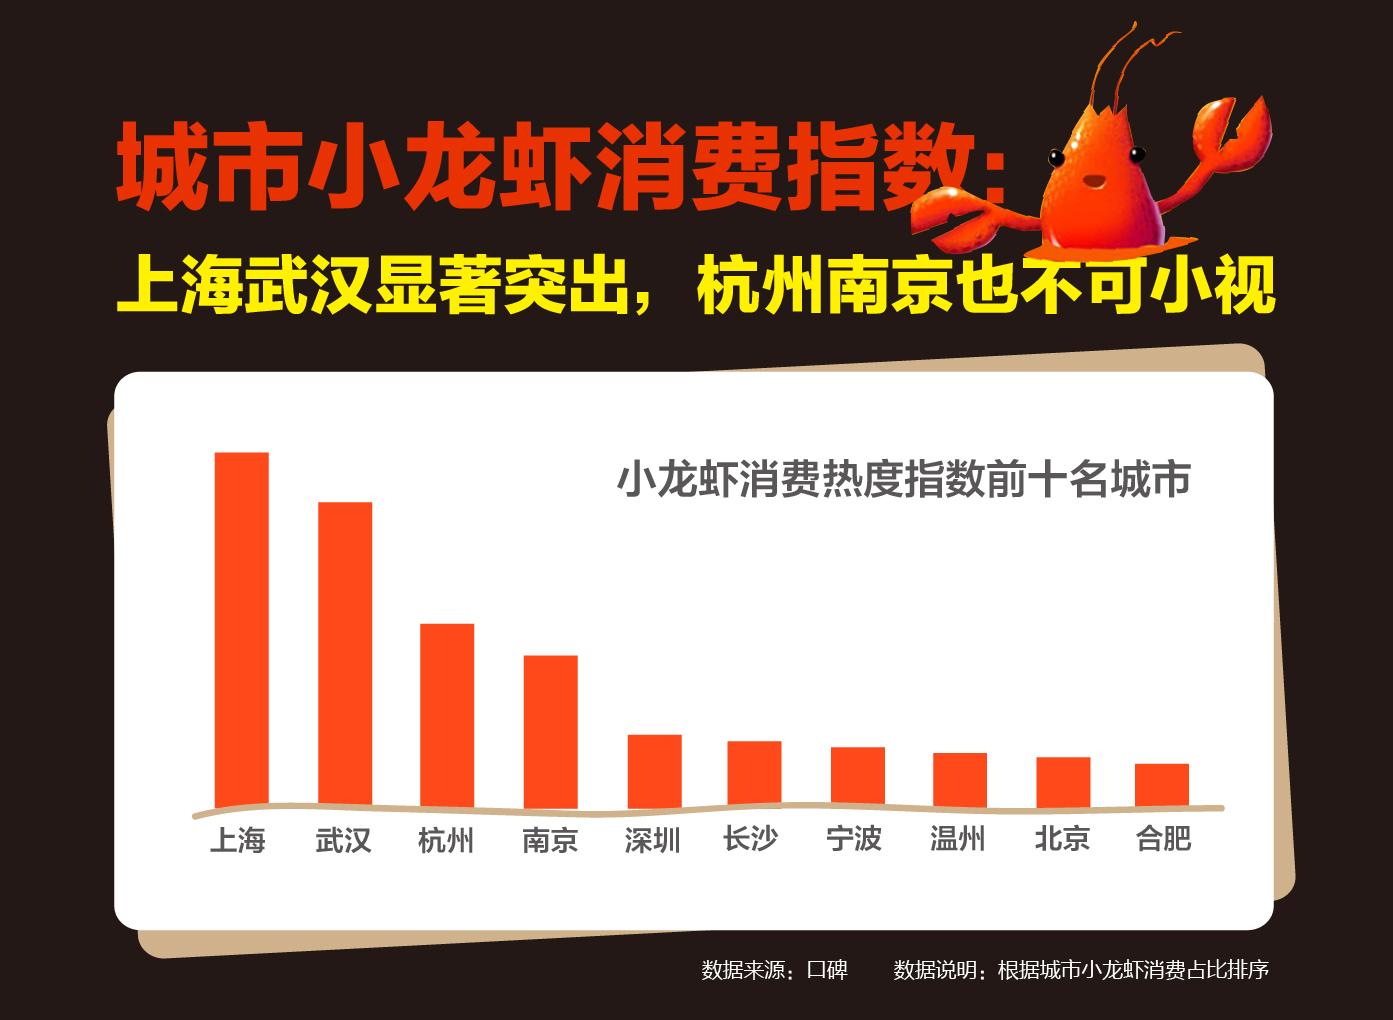 哪个城市最爱小龙虾?上海小龙虾消费热度全国第一